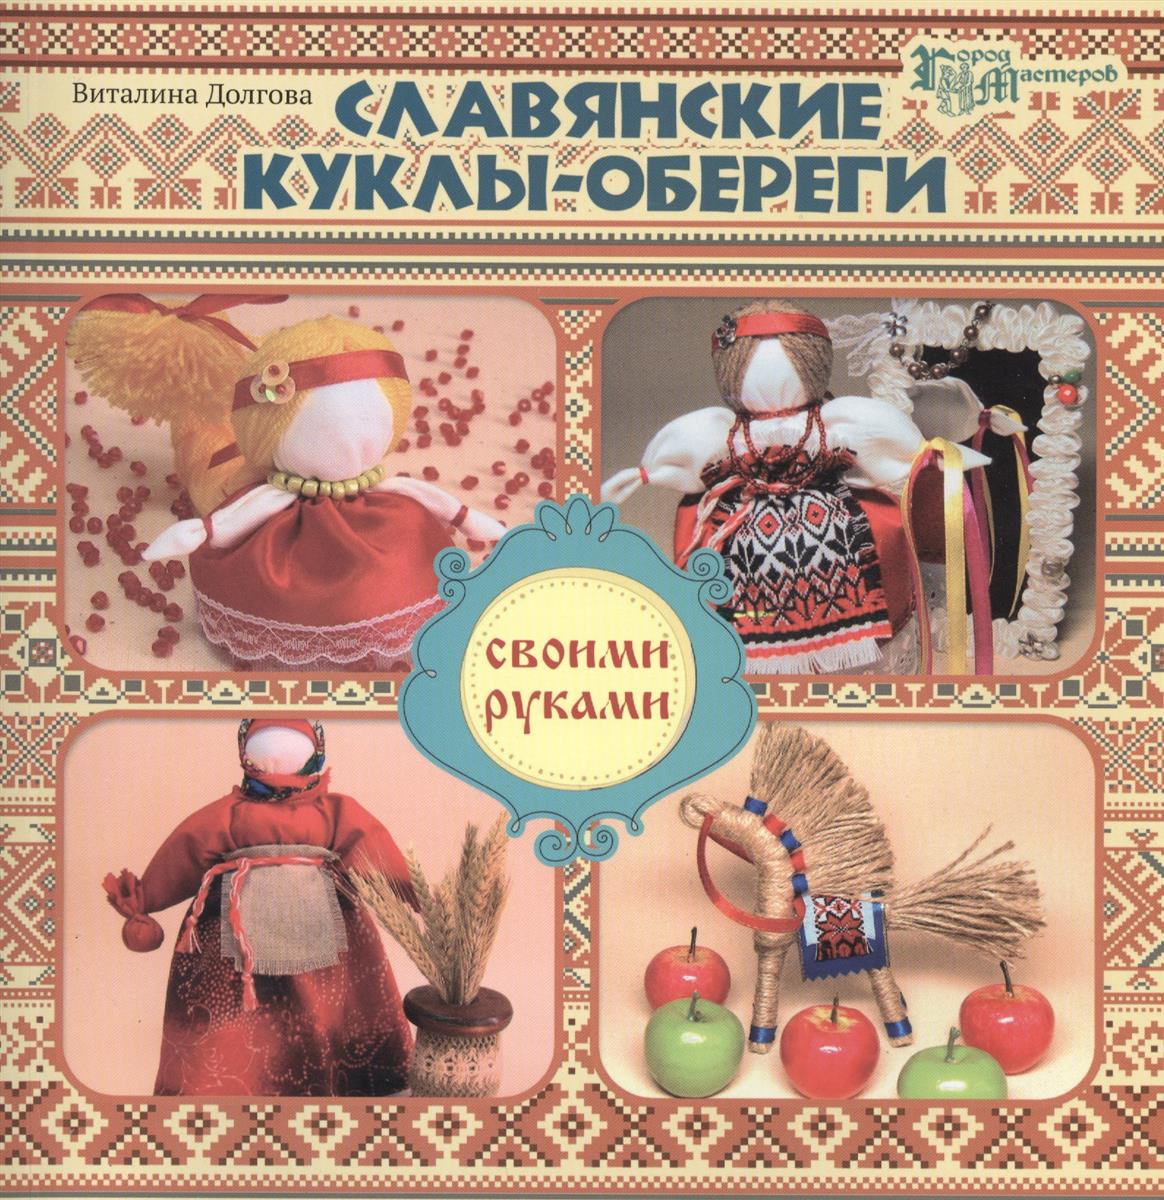 Долгова В. Славянские куклы-обереги своими руками славянские обереги амулеты москва